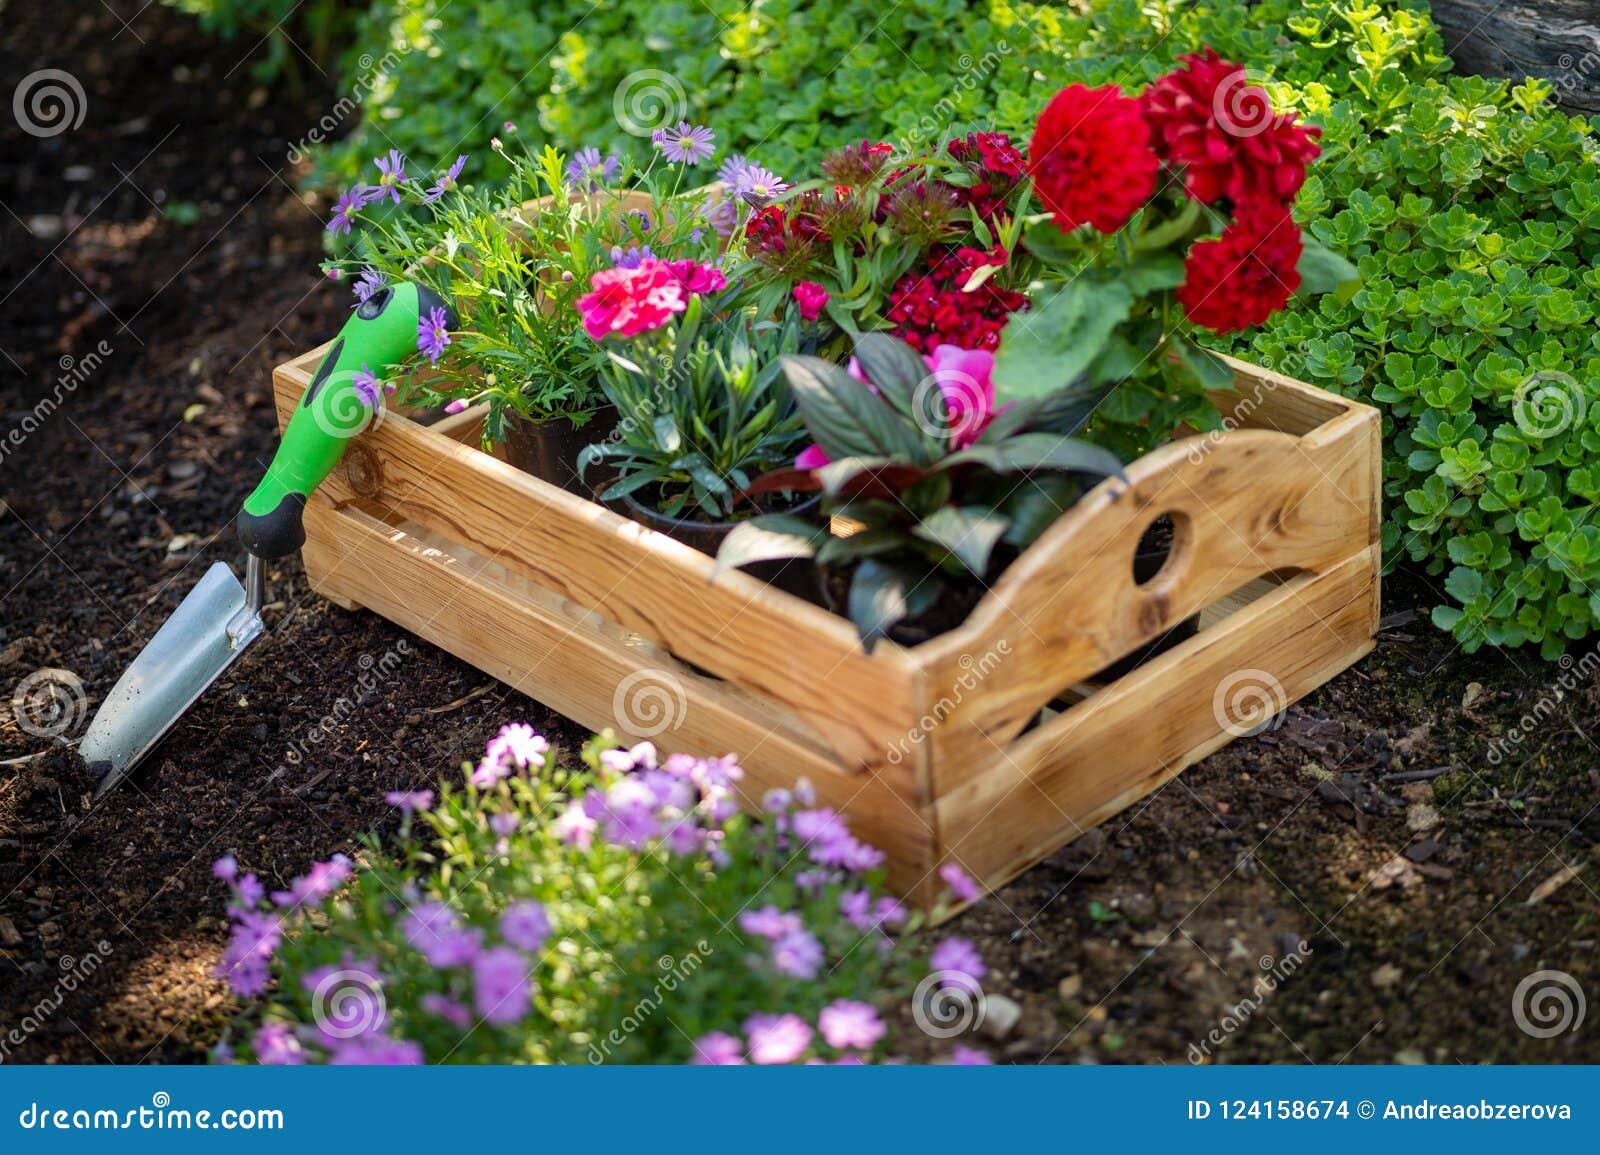 Planter Dans Une Caisse En Bois jardinage caisse complètement d'usines magnifiques prêtes